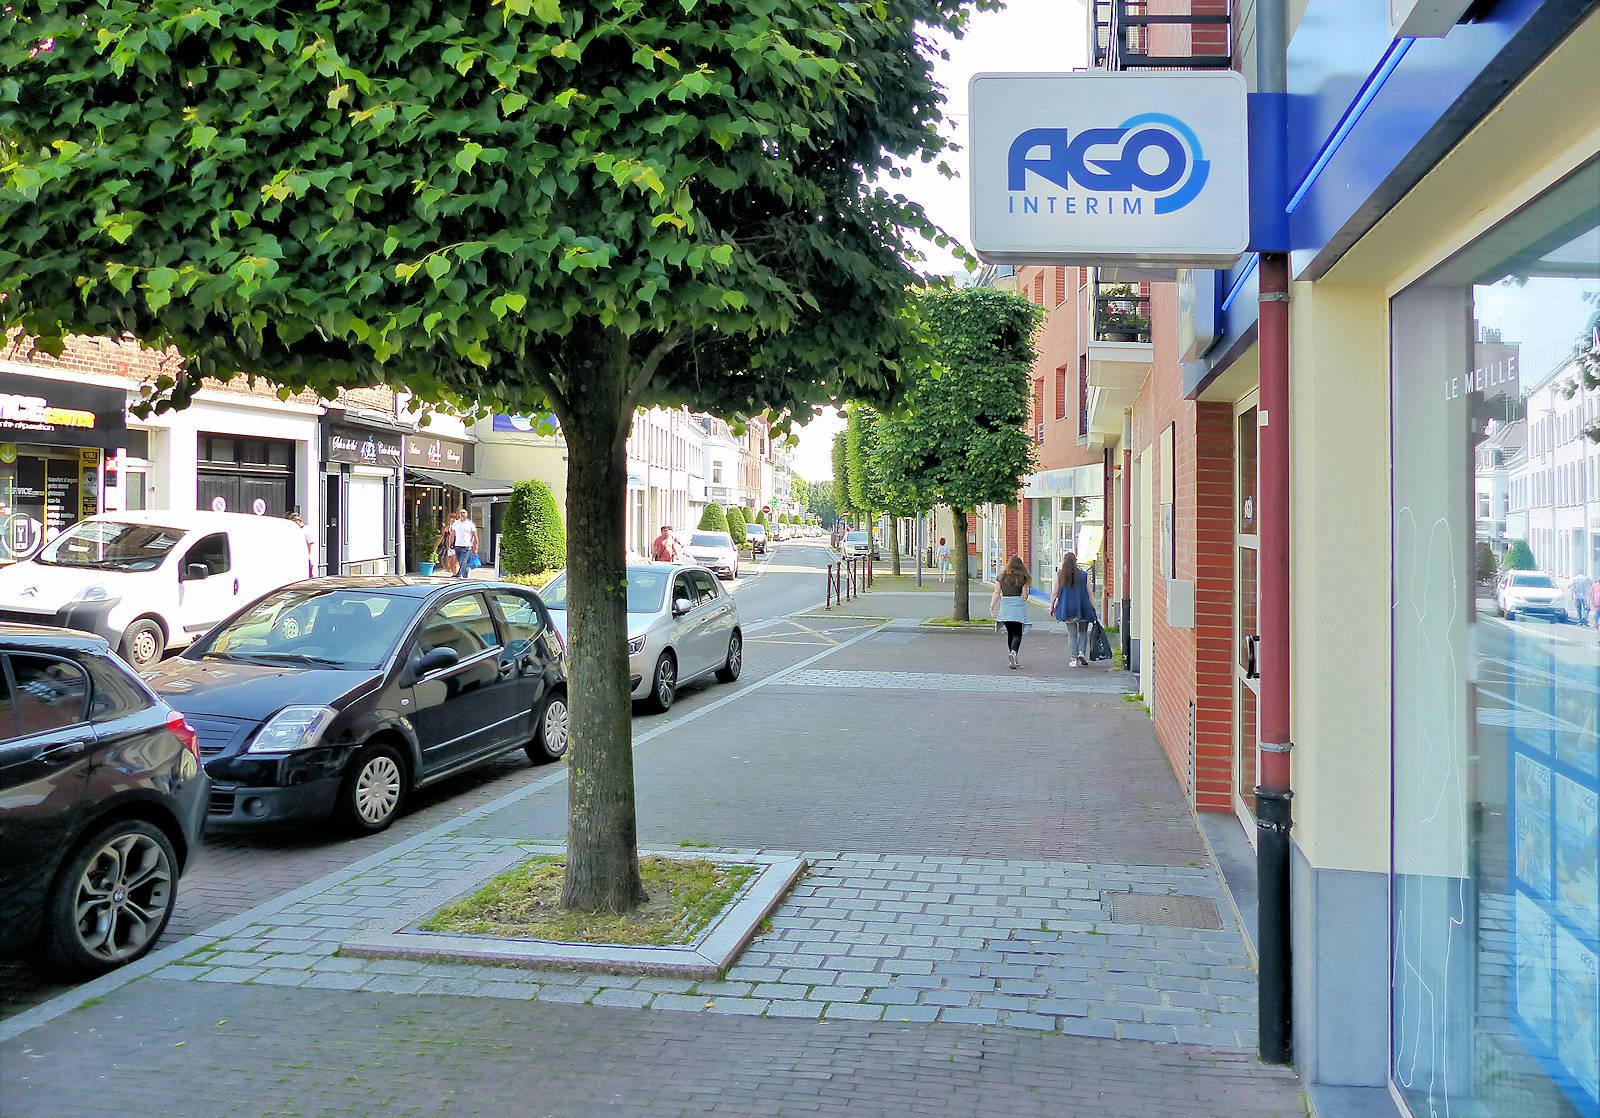 AGO Intérim - Tourcoing Centre, rue de la Cloche